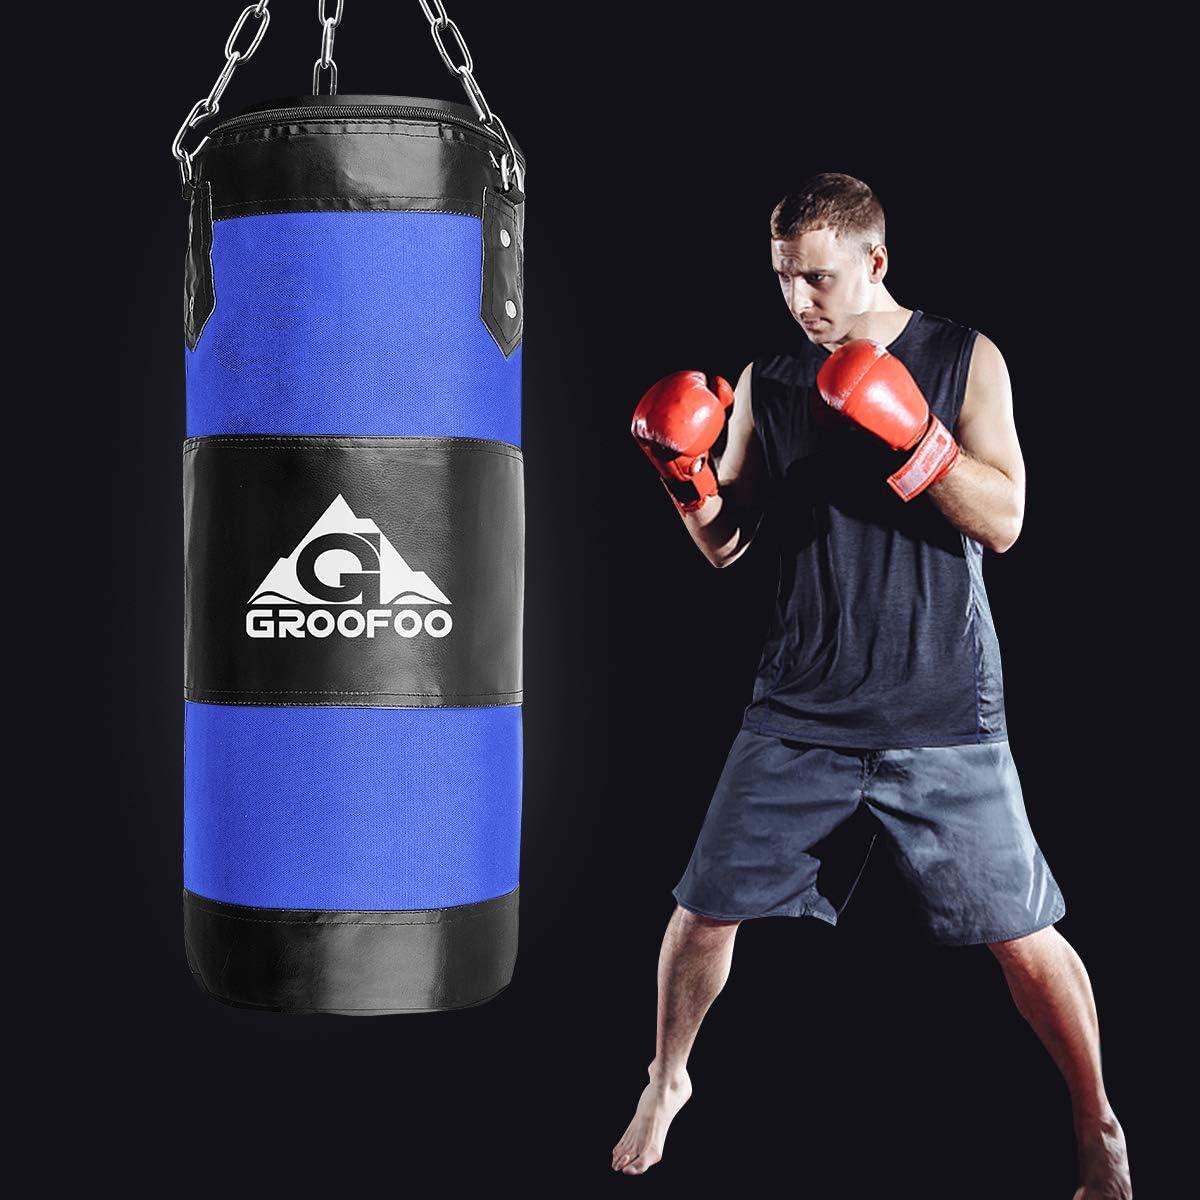 GROOFOO Boxsack Kinder Hochleistungs Oxford Boxsack f/ür Kinder Jugendliche und Erwachsene UNGEF/ÜLLTE Tasche mit Mount Chain Heavy Duty Pouching Bag f/ür Boxtraining MMA Muay Thai